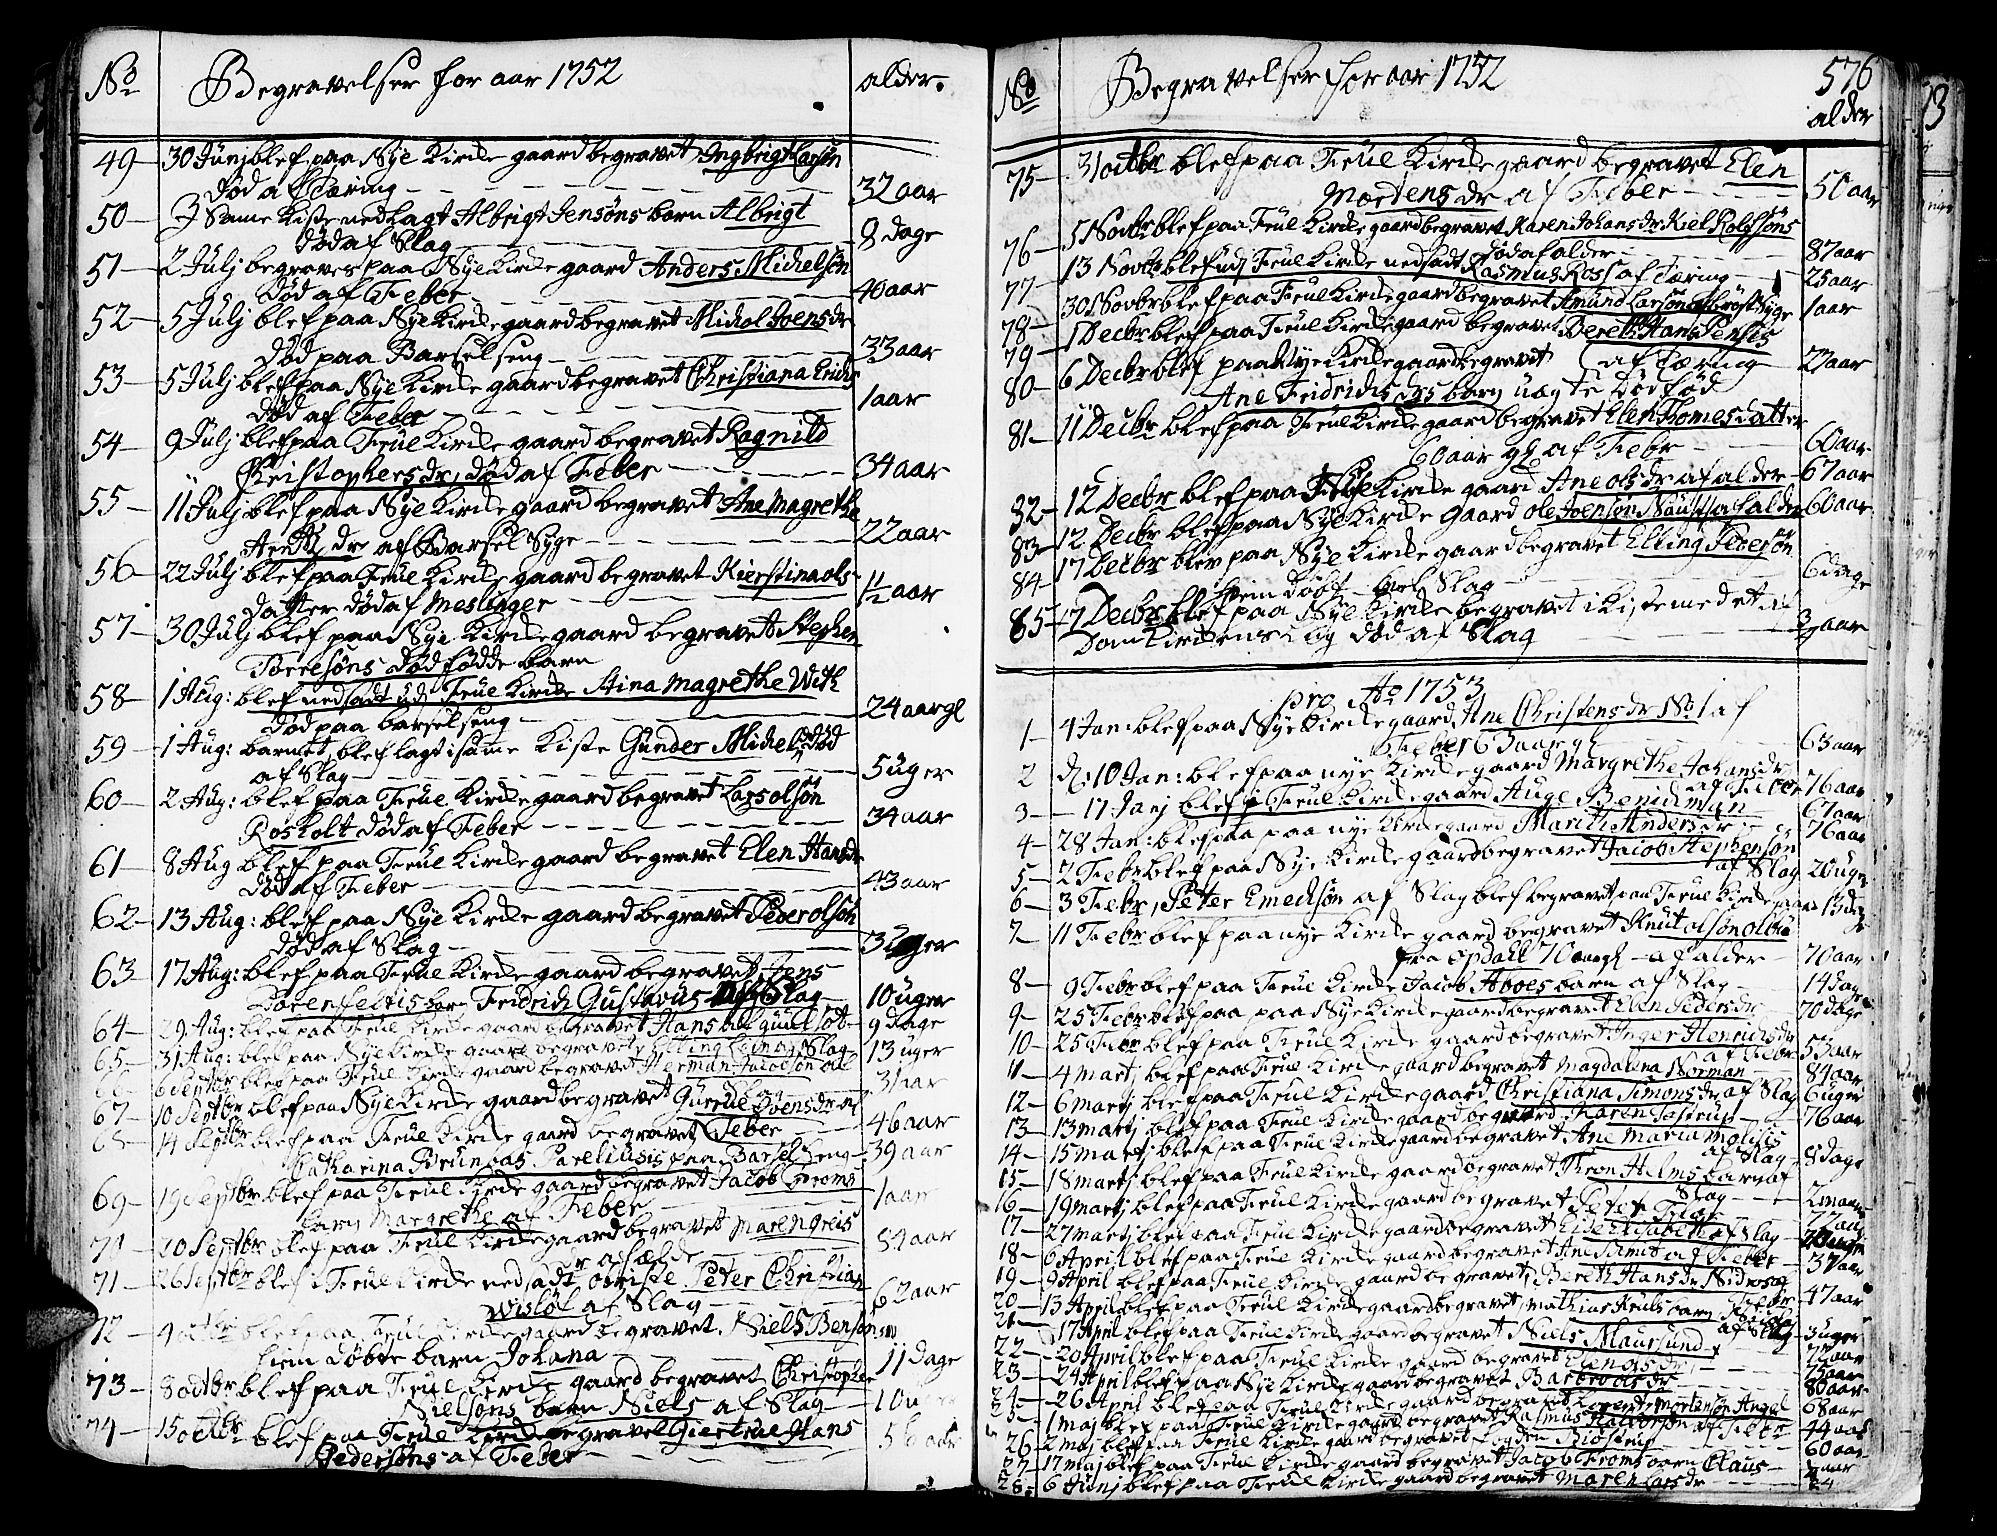 SAT, Ministerialprotokoller, klokkerbøker og fødselsregistre - Sør-Trøndelag, 602/L0103: Ministerialbok nr. 602A01, 1732-1774, s. 576